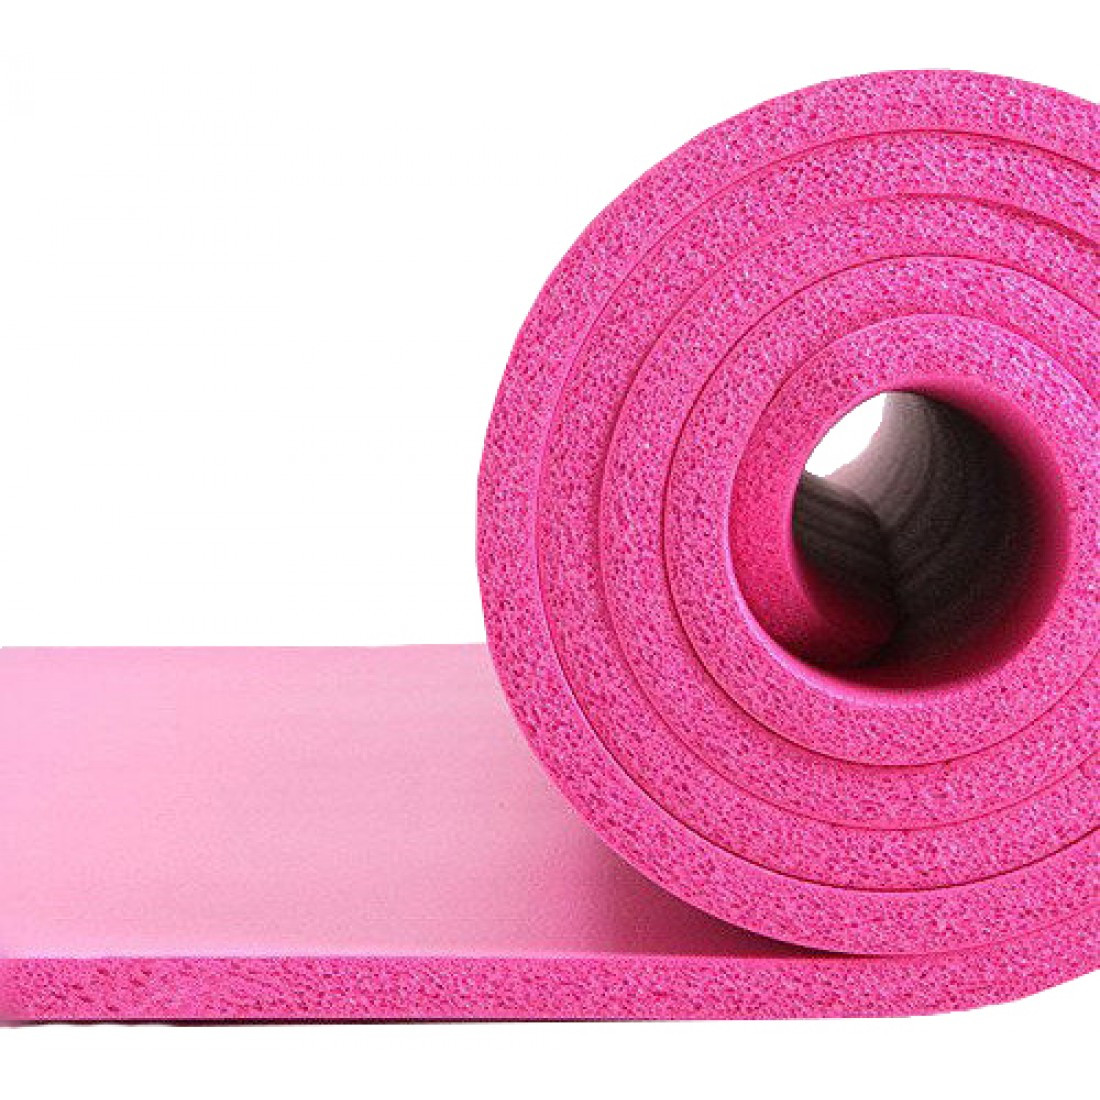 Фитнес-коврик для тренировок LiveUP NBR MAT 185х80х1.5см каучуковый розовый (LS3257-80p)